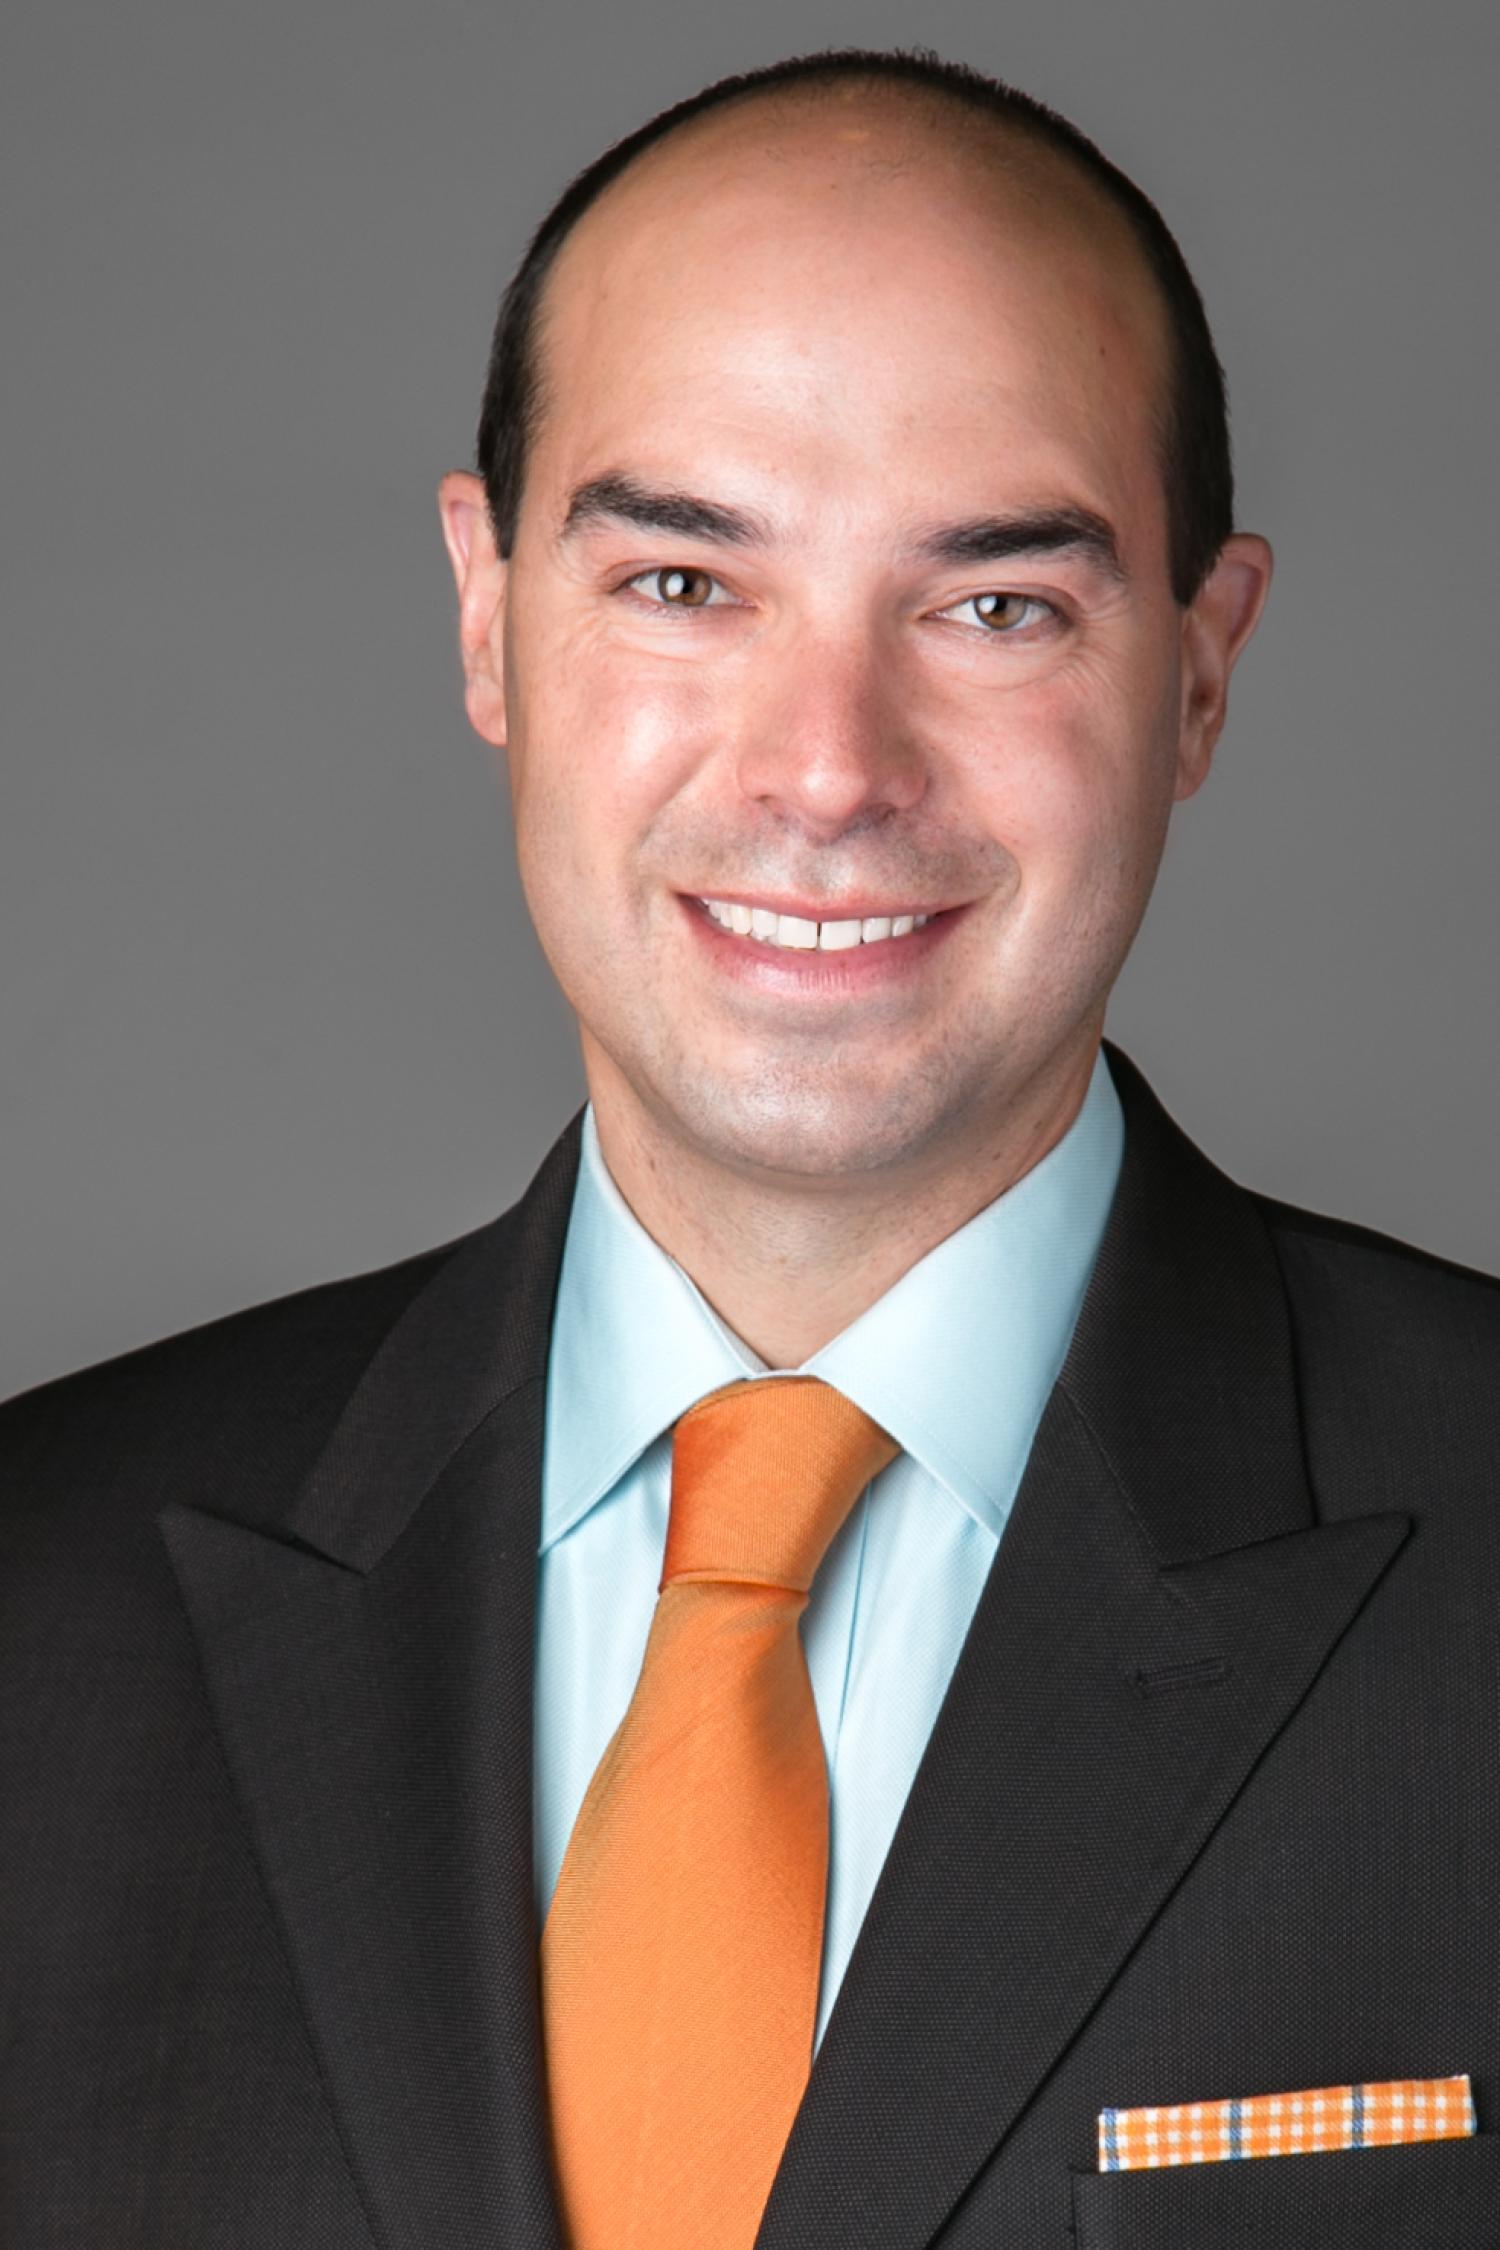 Jon Lehmann